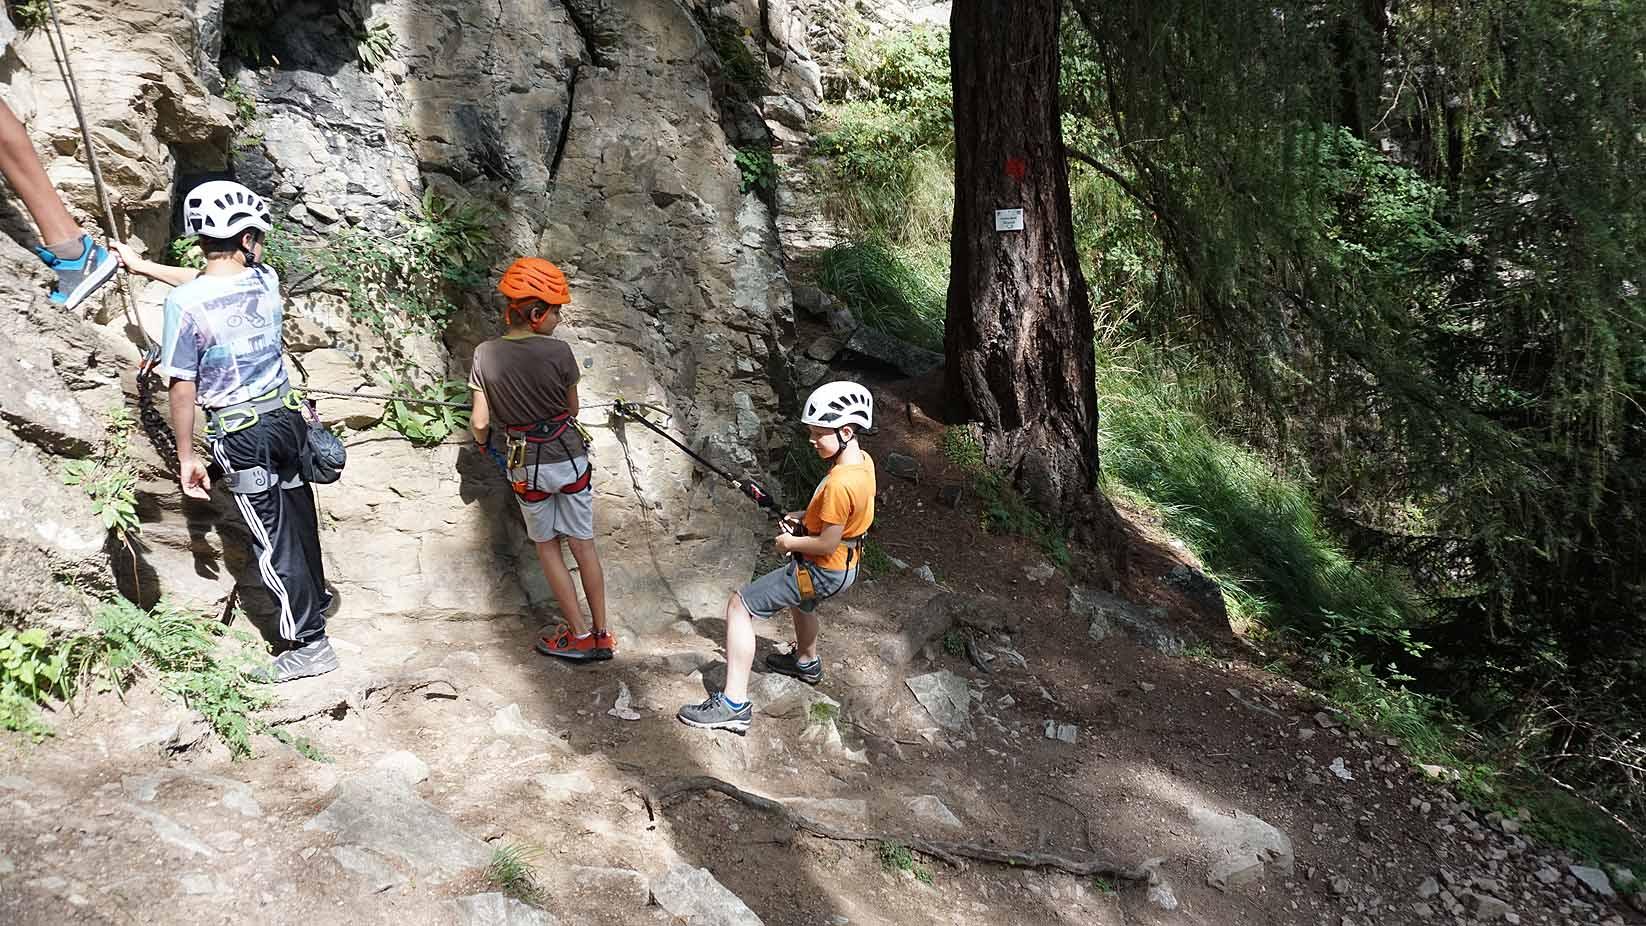 Klettersteigset Kinder 20 Kg : Klettersteig mit kinder und jugendlichen eine besondere herausforderung!